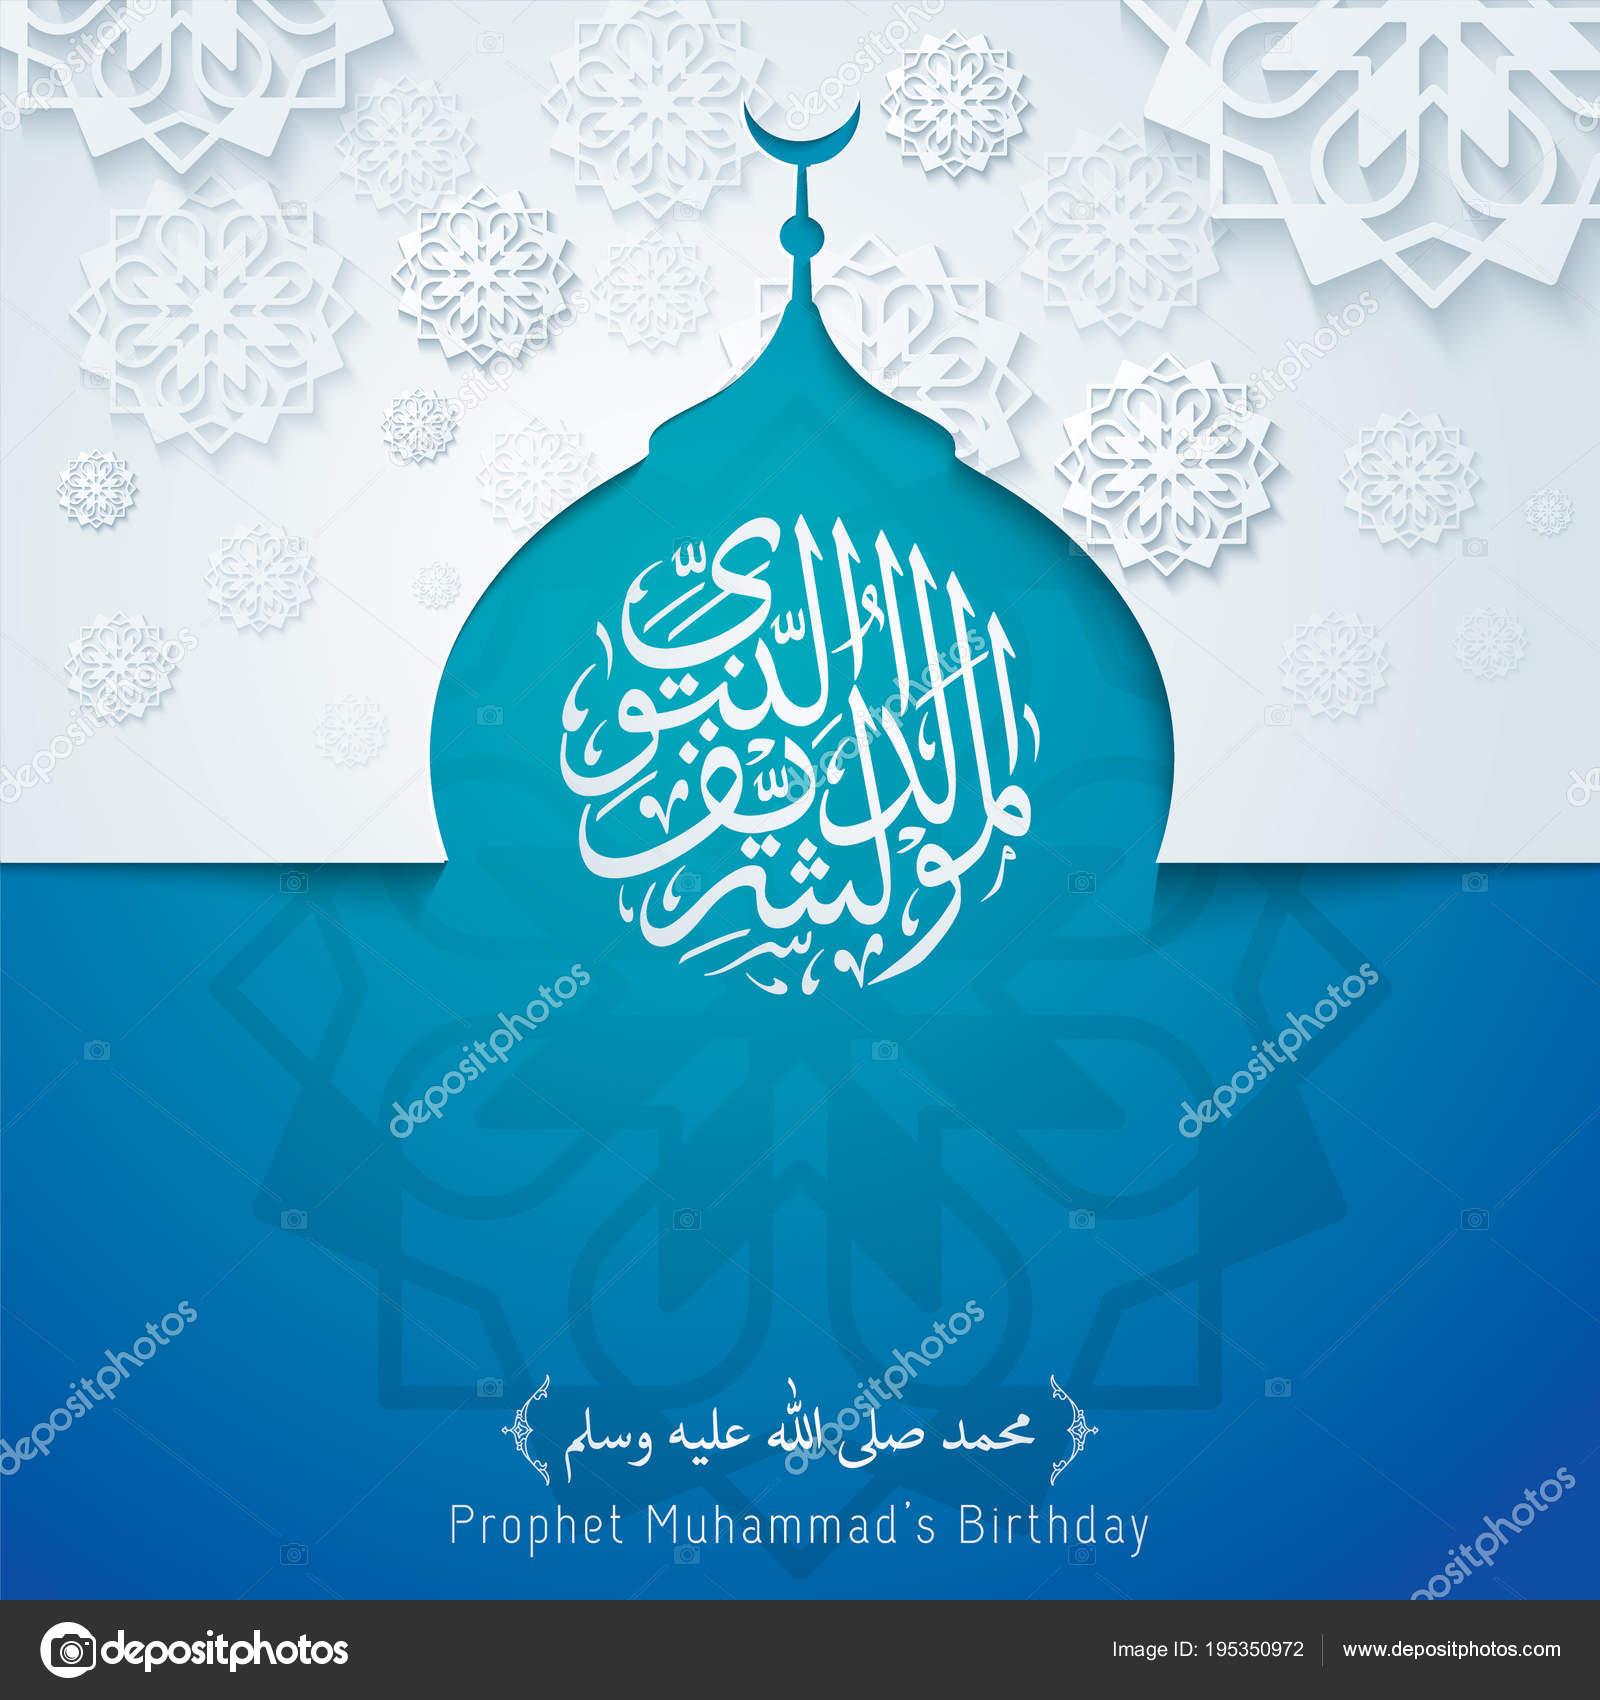 Mawlid Nabi Arabic Calligraphy Islamic Greeting Banner Background